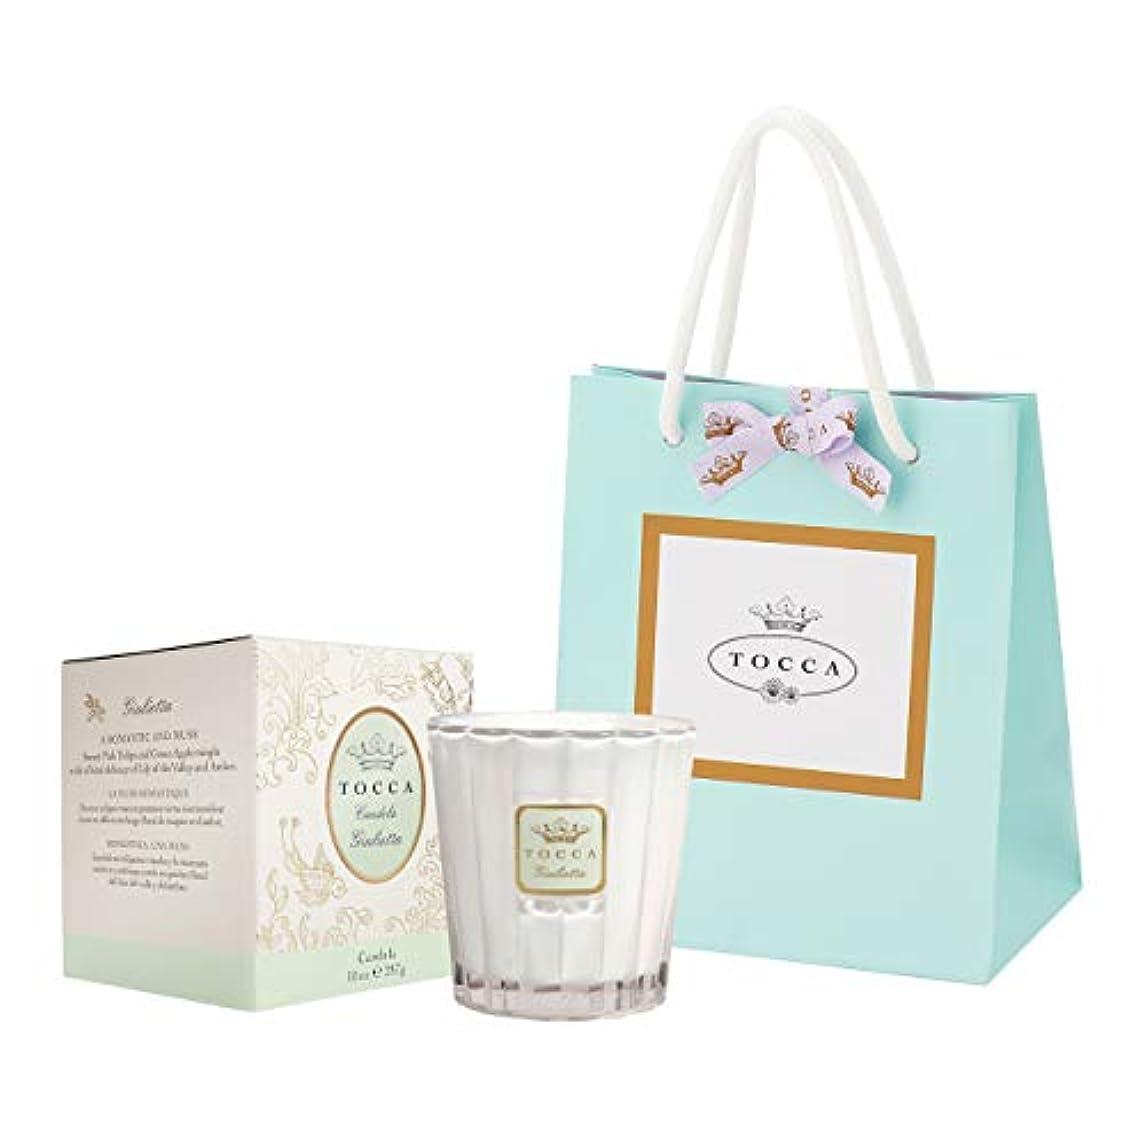 レクリエーションベスト夏トッカ(TOCCA) キャンドル ジュリエッタの香り 約287g ショッパー付 (ろうそく ギフト 手提袋付 爽やかで甘い香り)